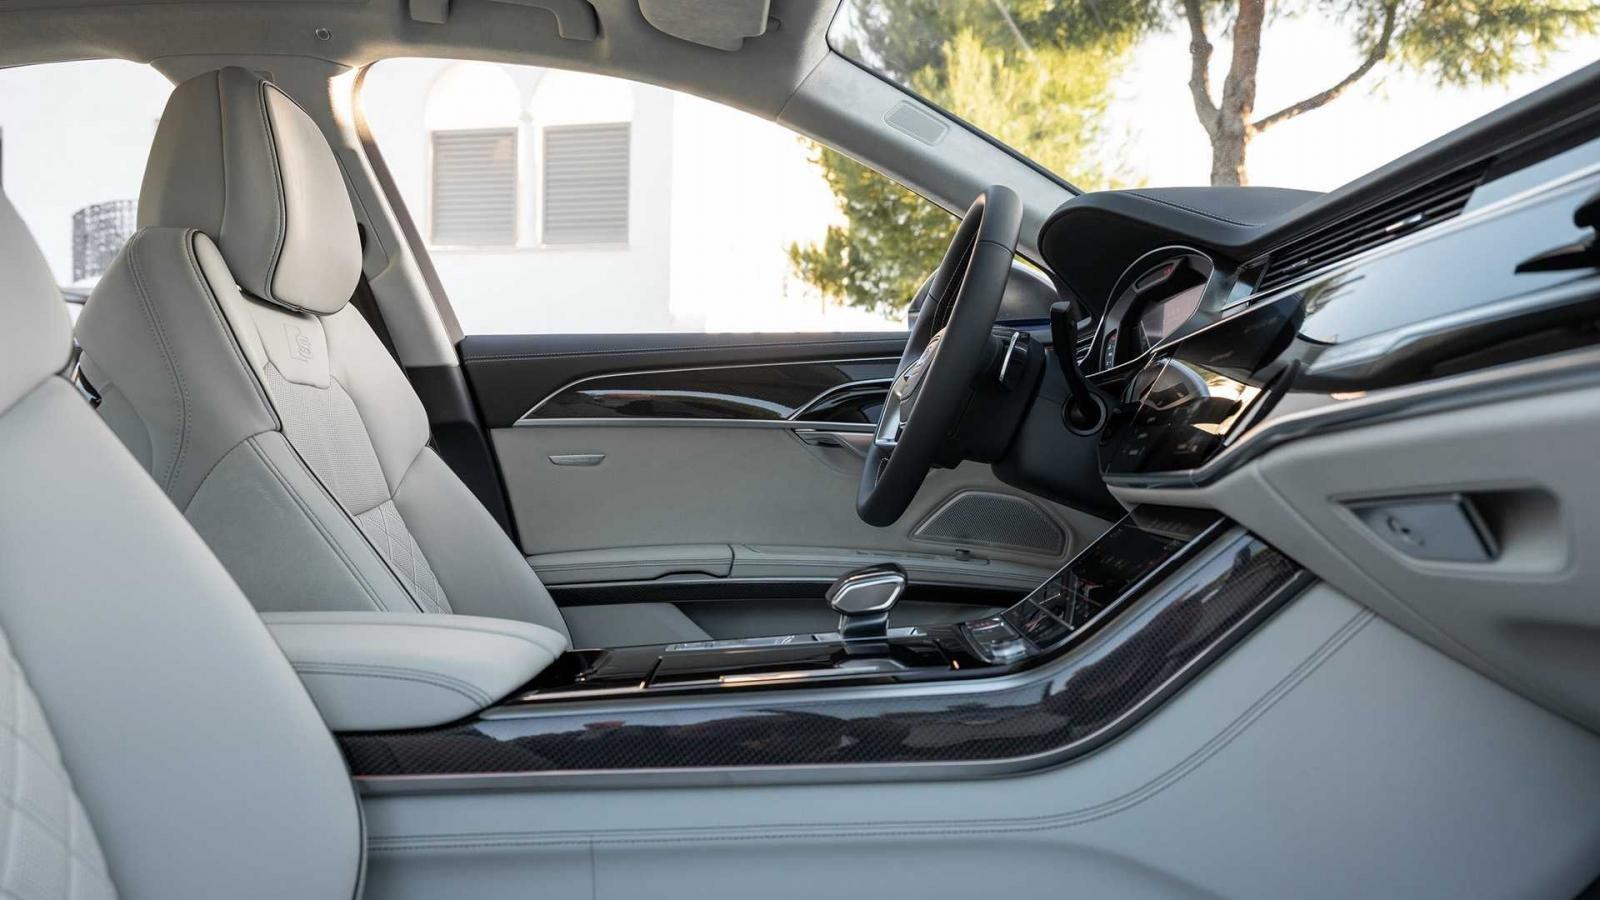 Đánh giá xe Aud S8 2020 về hệ thống ghế ngồi - ghế trước